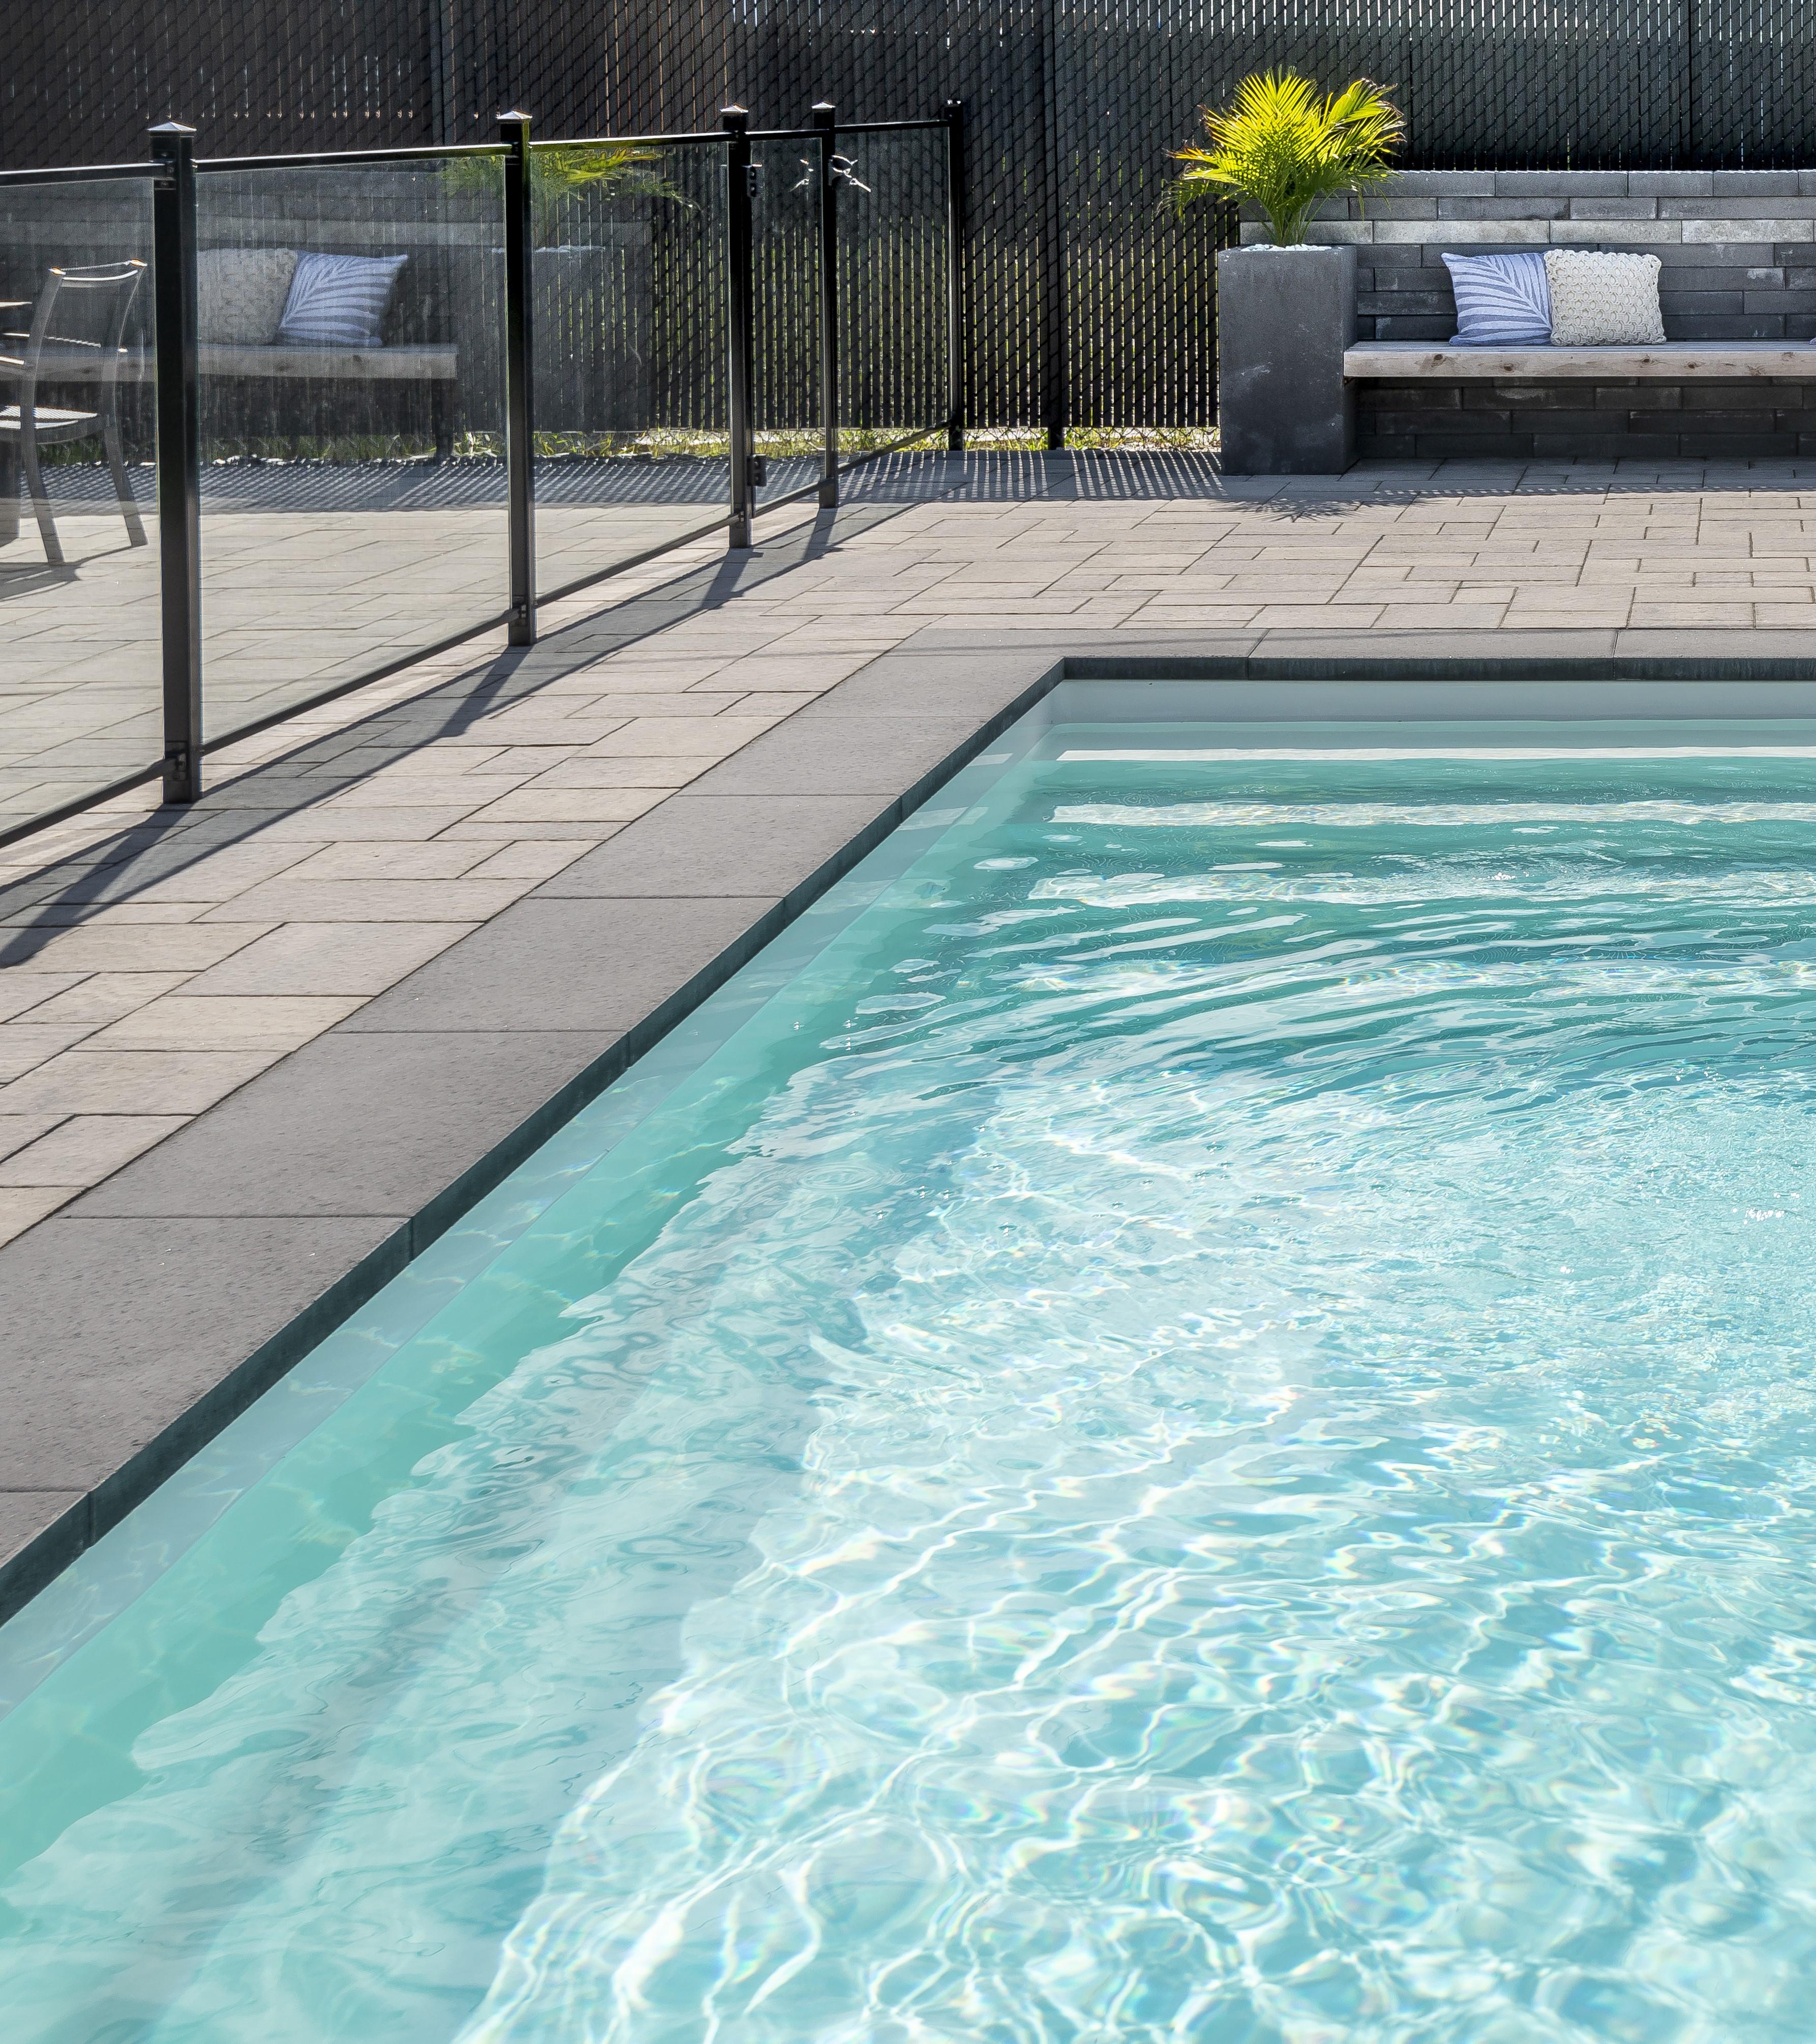 Piscine aquarino et contour en pav rinox aquarino inground fiberglass pools - Piscine leisure pools ...